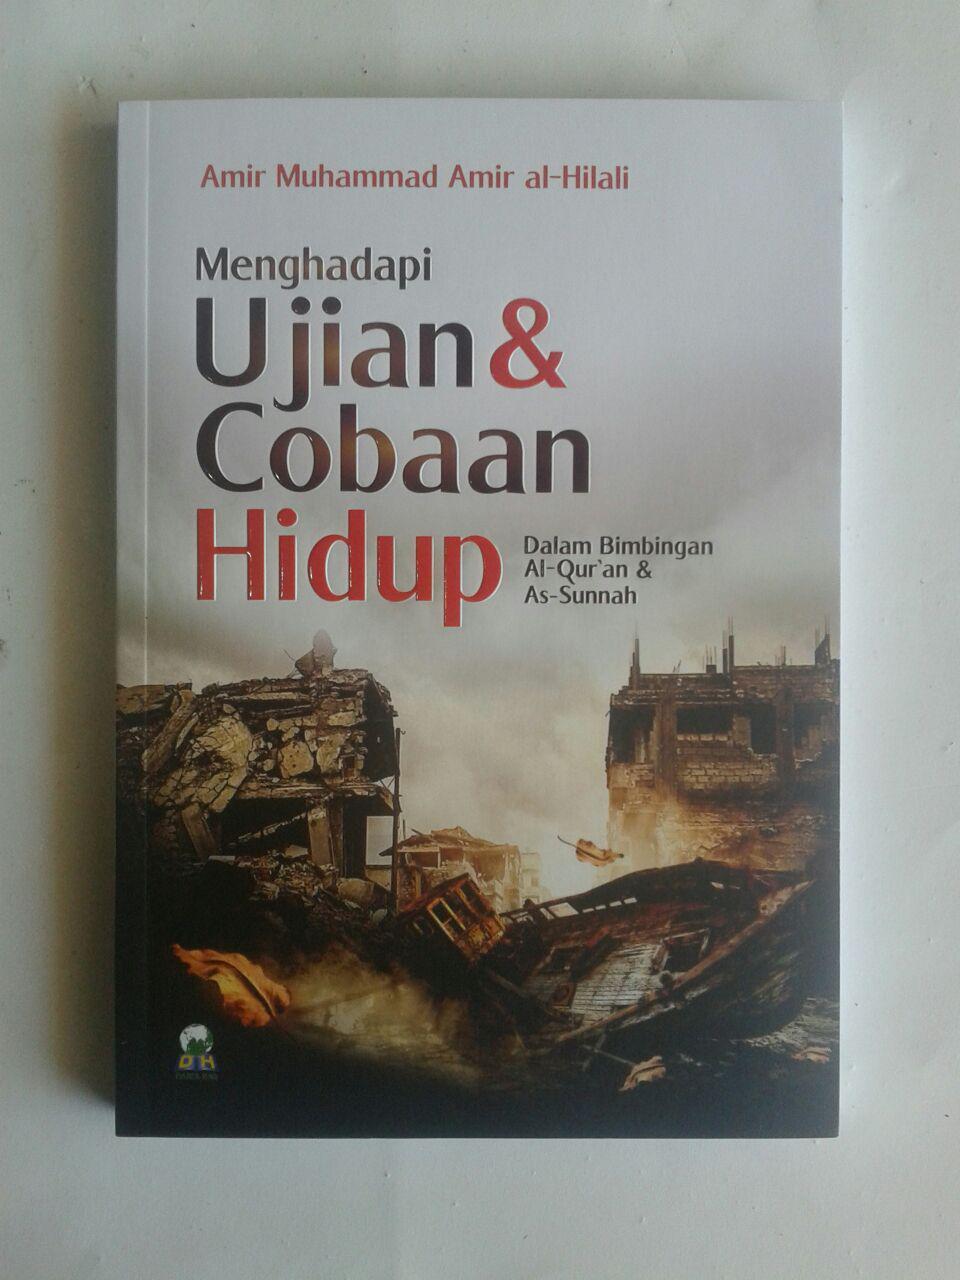 Buku Menghadapi Ujian Dan Cobaan Hidup Dalam Bimbingan Quran Sunnah cover 2